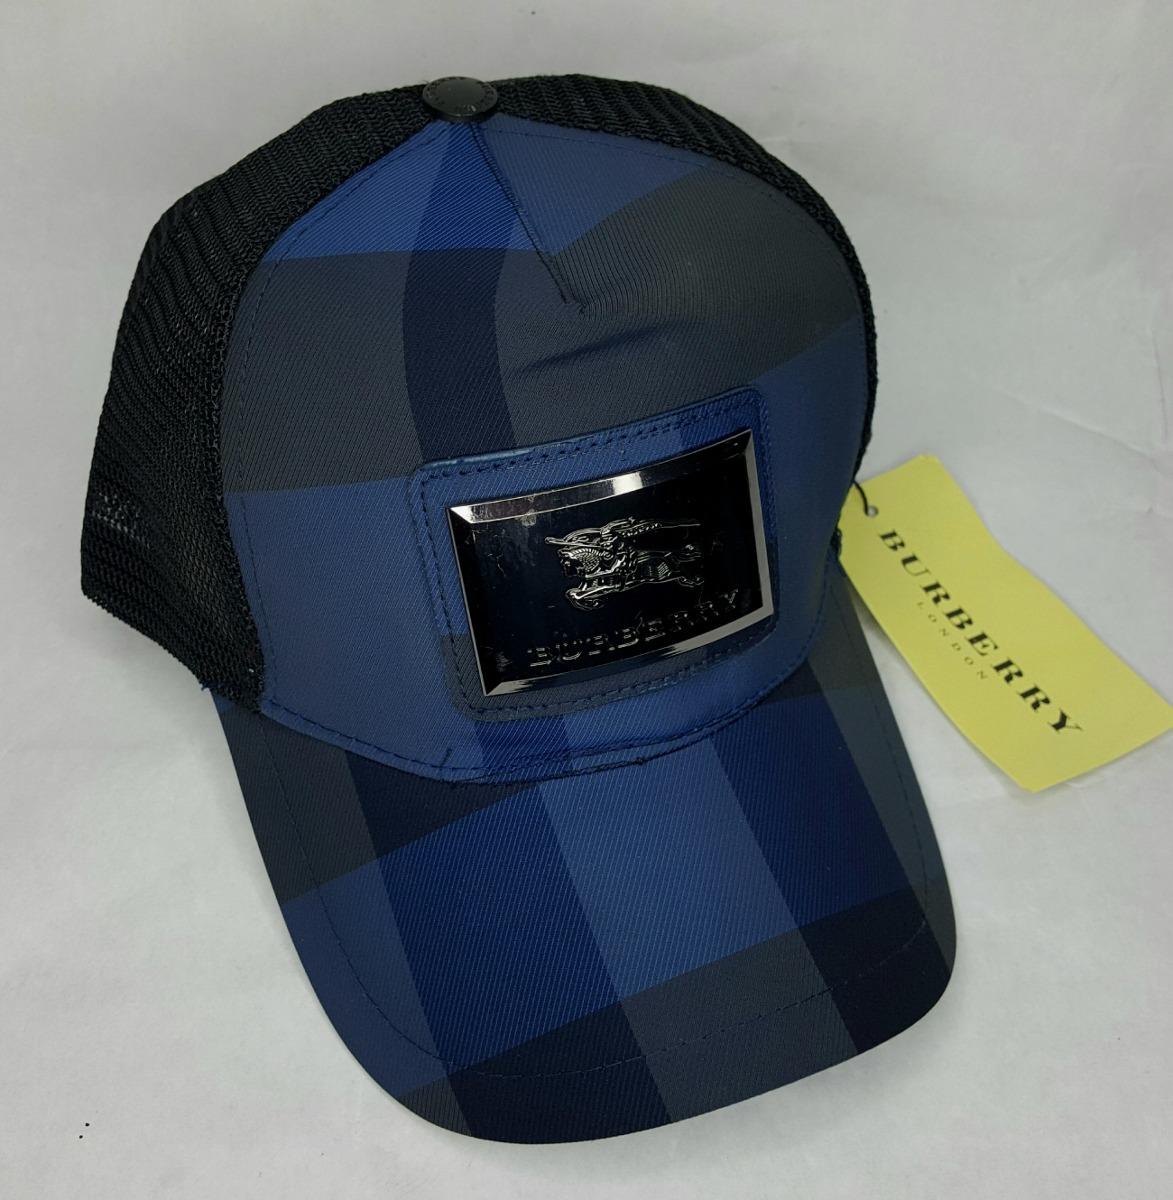 f25e324392994 Gorra Gorras Burberry Ajustable Unisex Cap Moda -   550.00 en ...